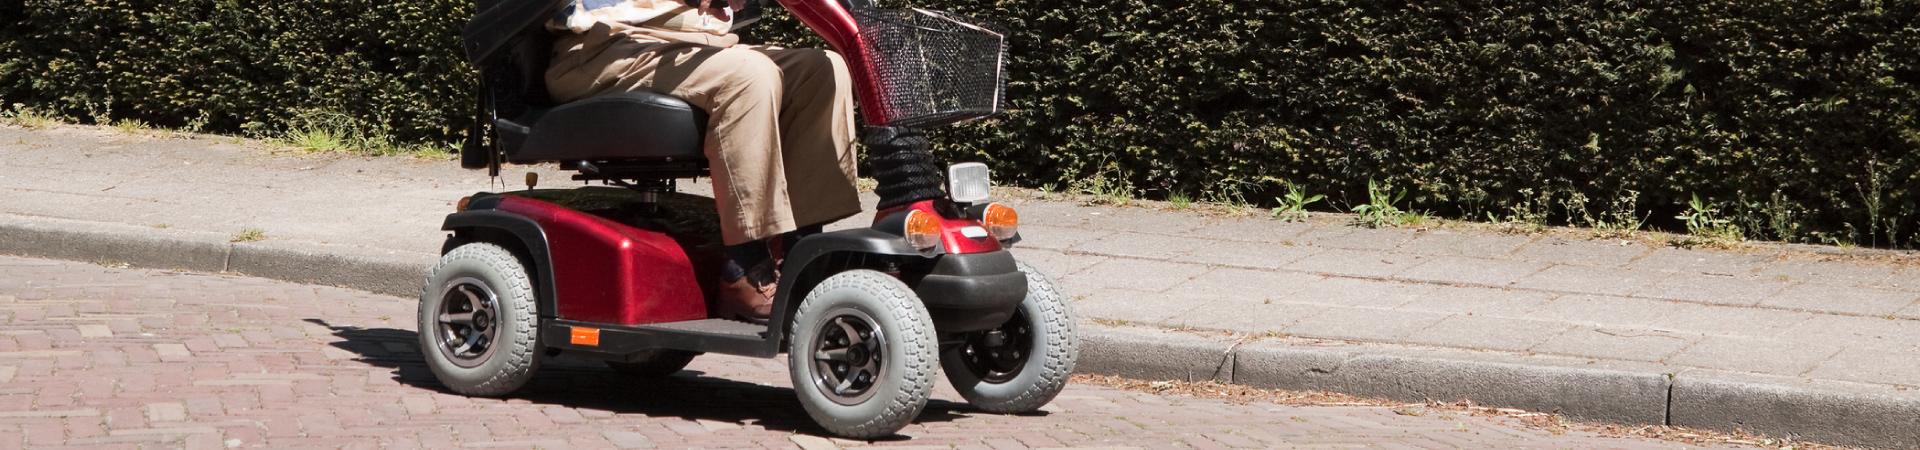 scooters Cincinnati